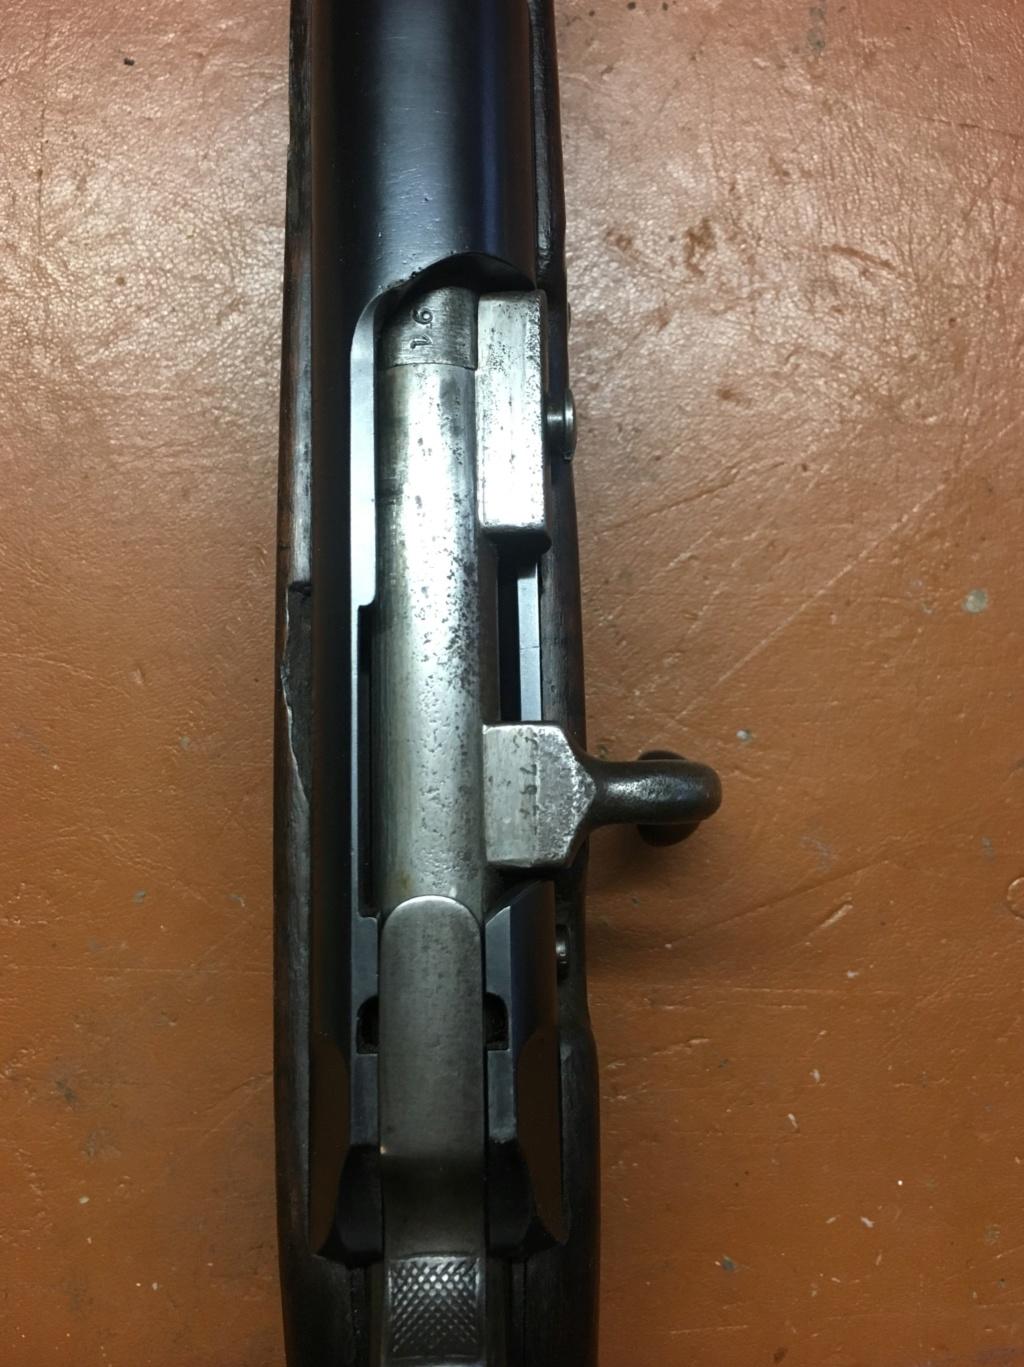 Mousqueton/Carabine mle-1890 machin truc? 8fb49810